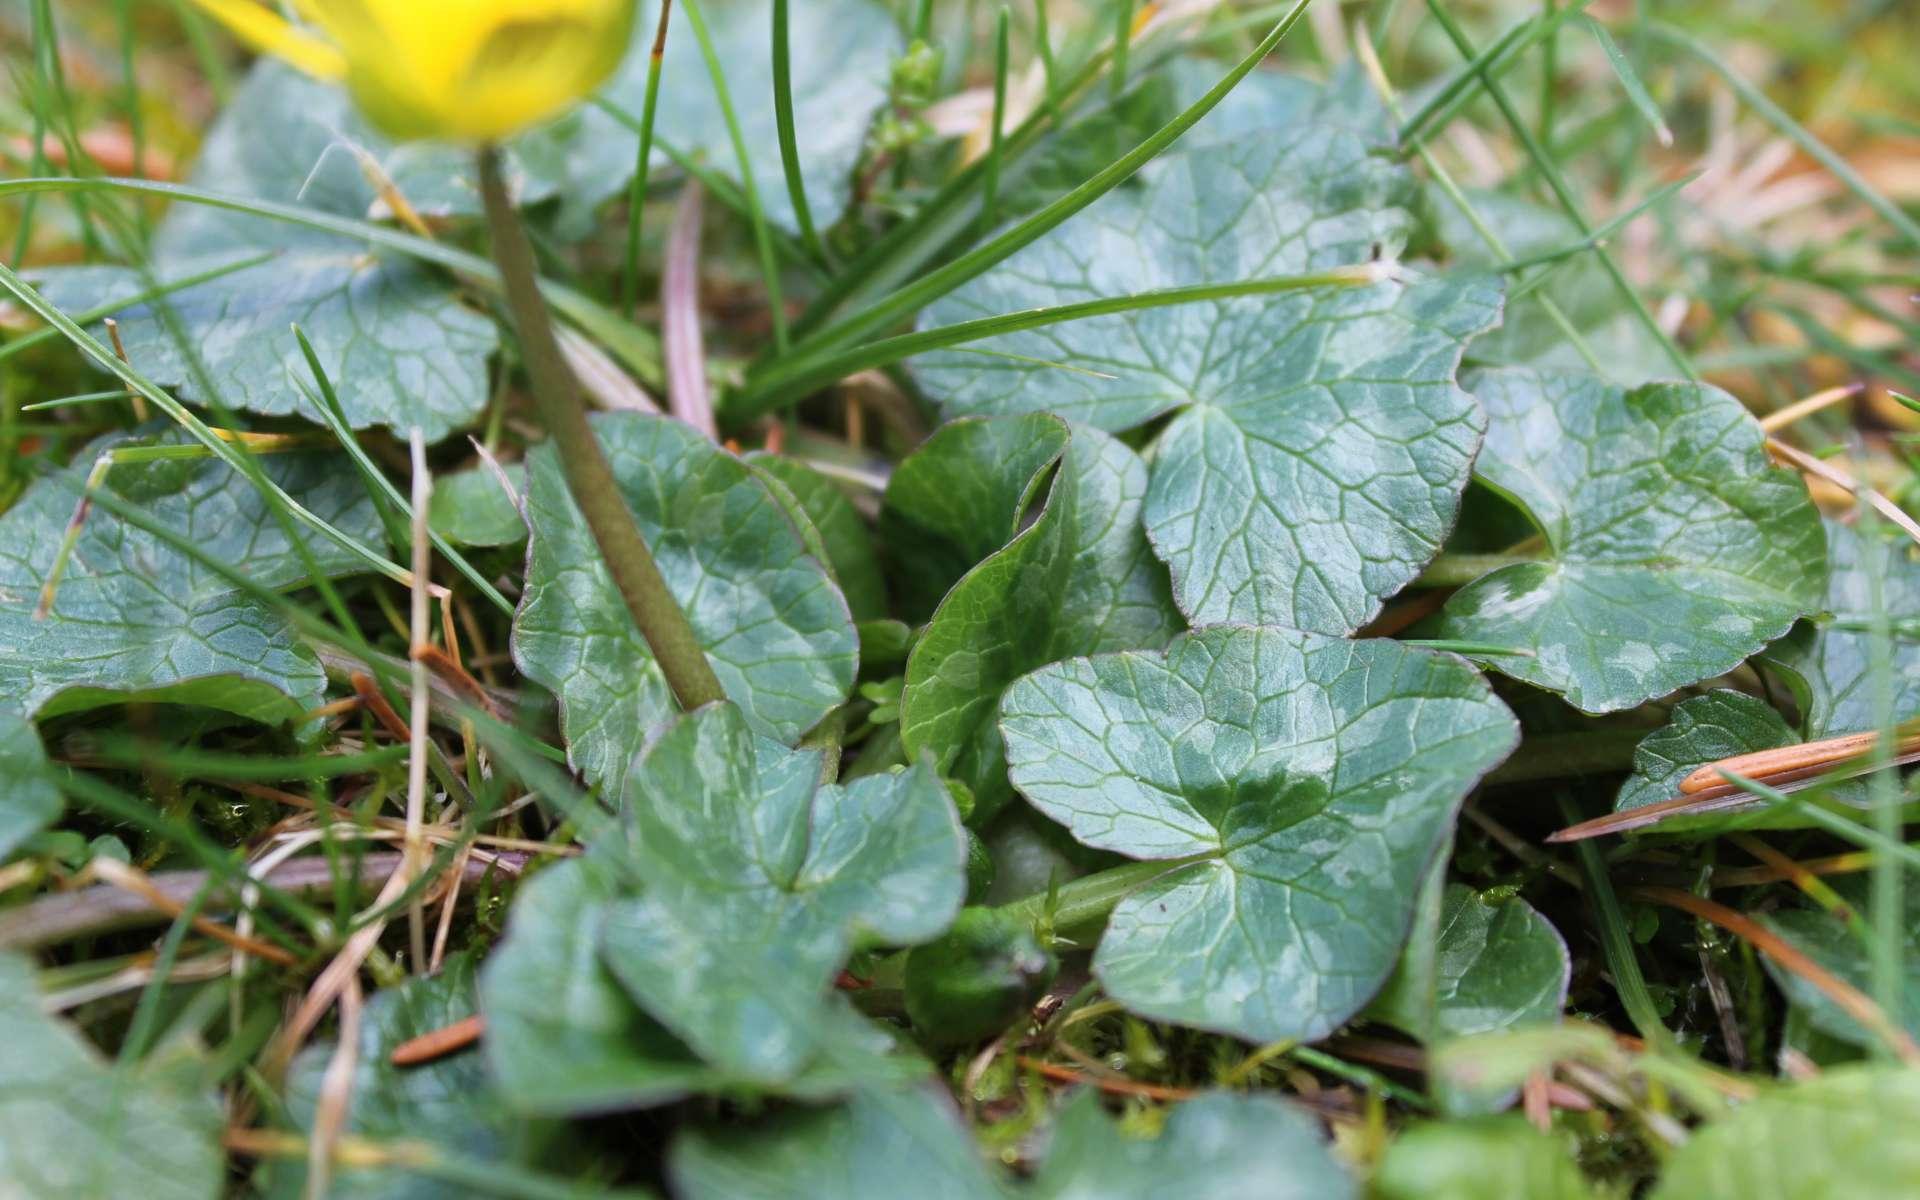 Ficaire fausse renoncule - feuilles (Crédits : Léa Charbonnier)